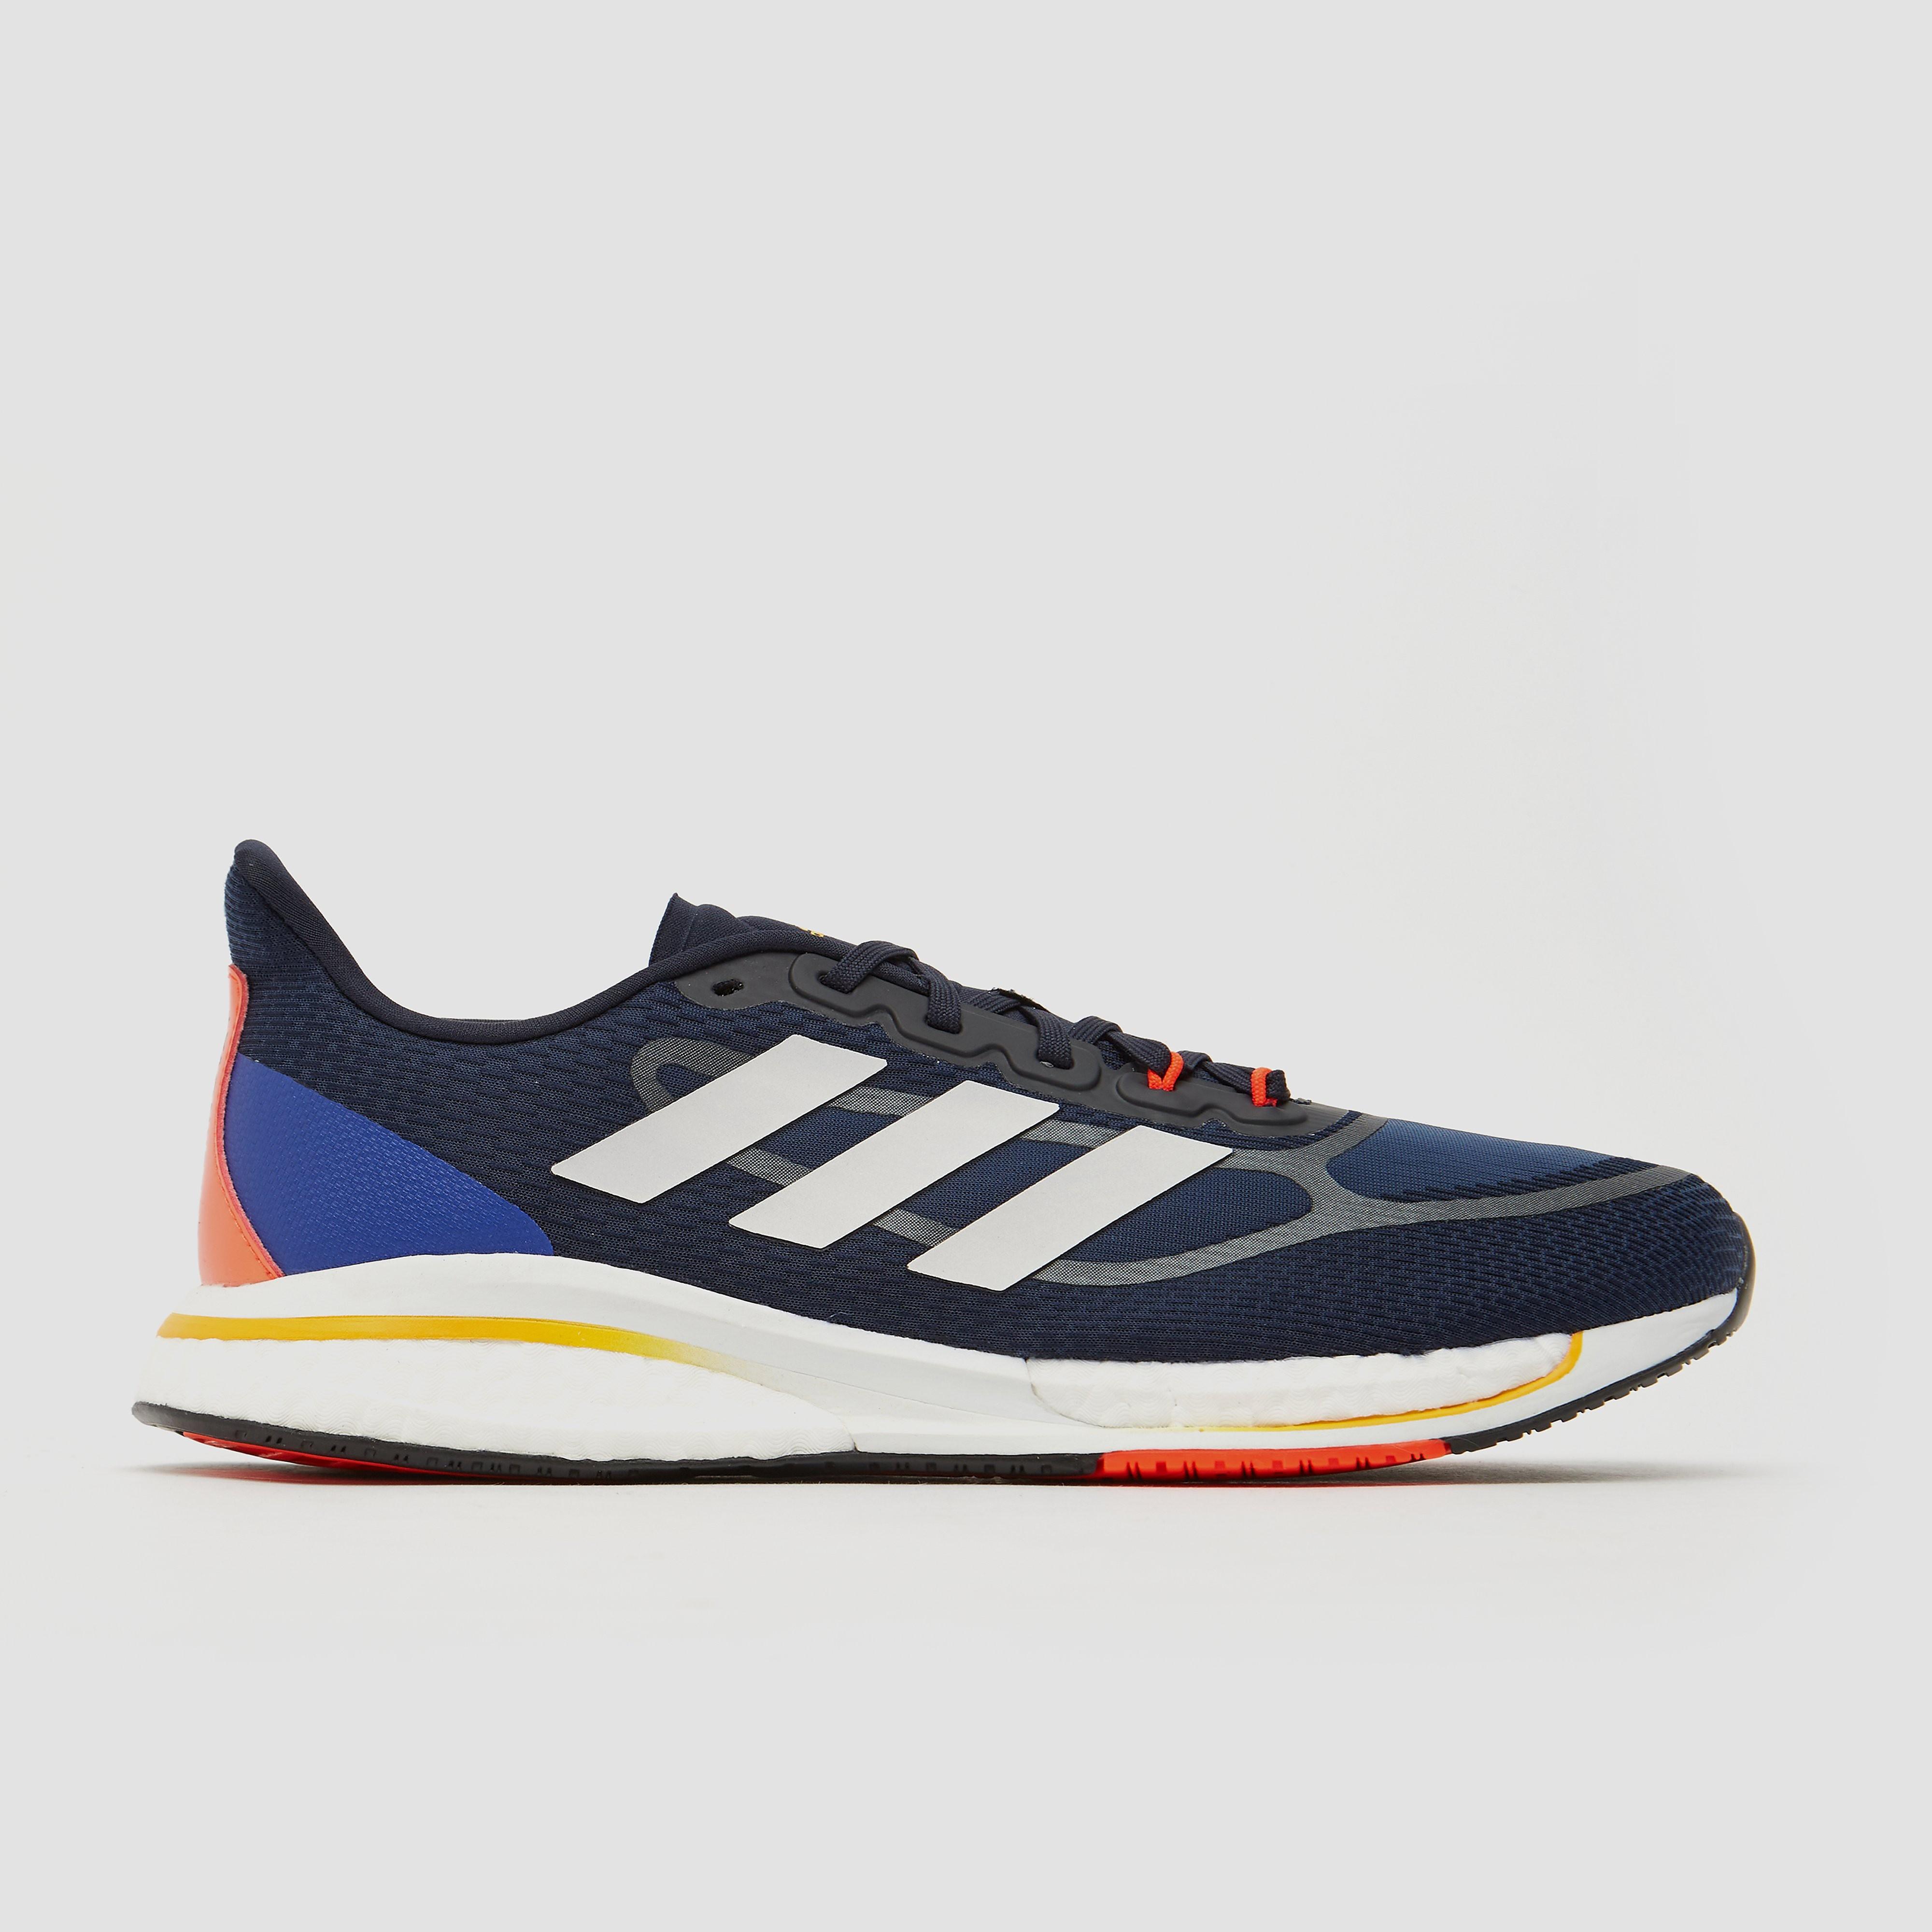 Adidas supernova + hardloopschoenen grijs heren online kopen